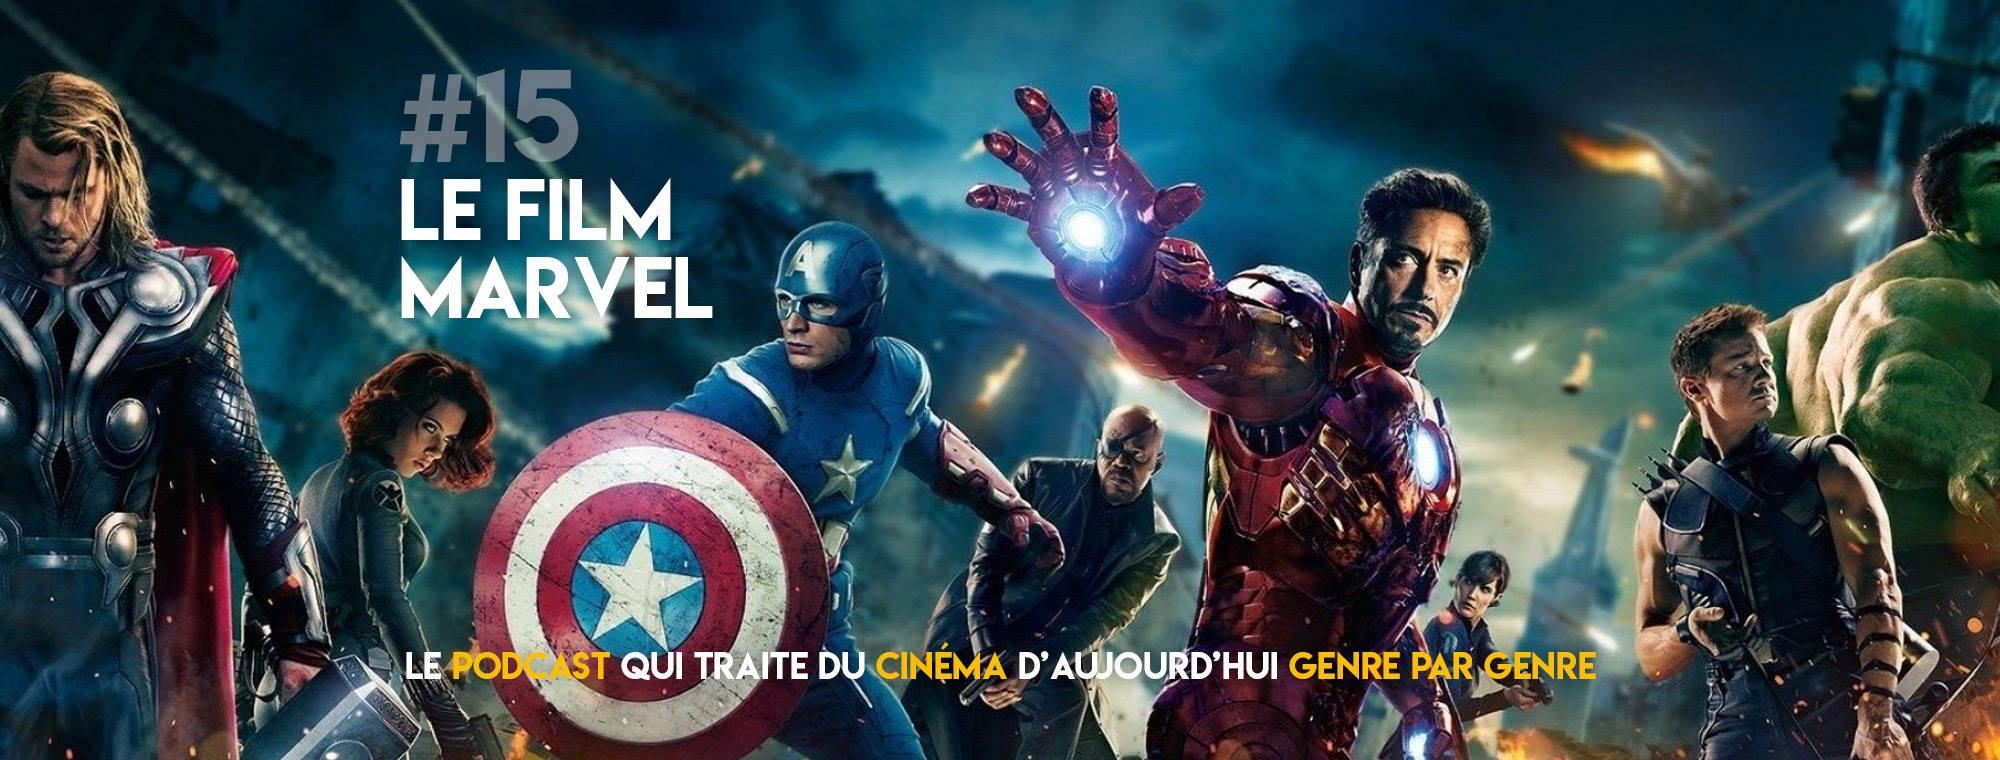 Parlons Péloches - #14 Le film Marvel